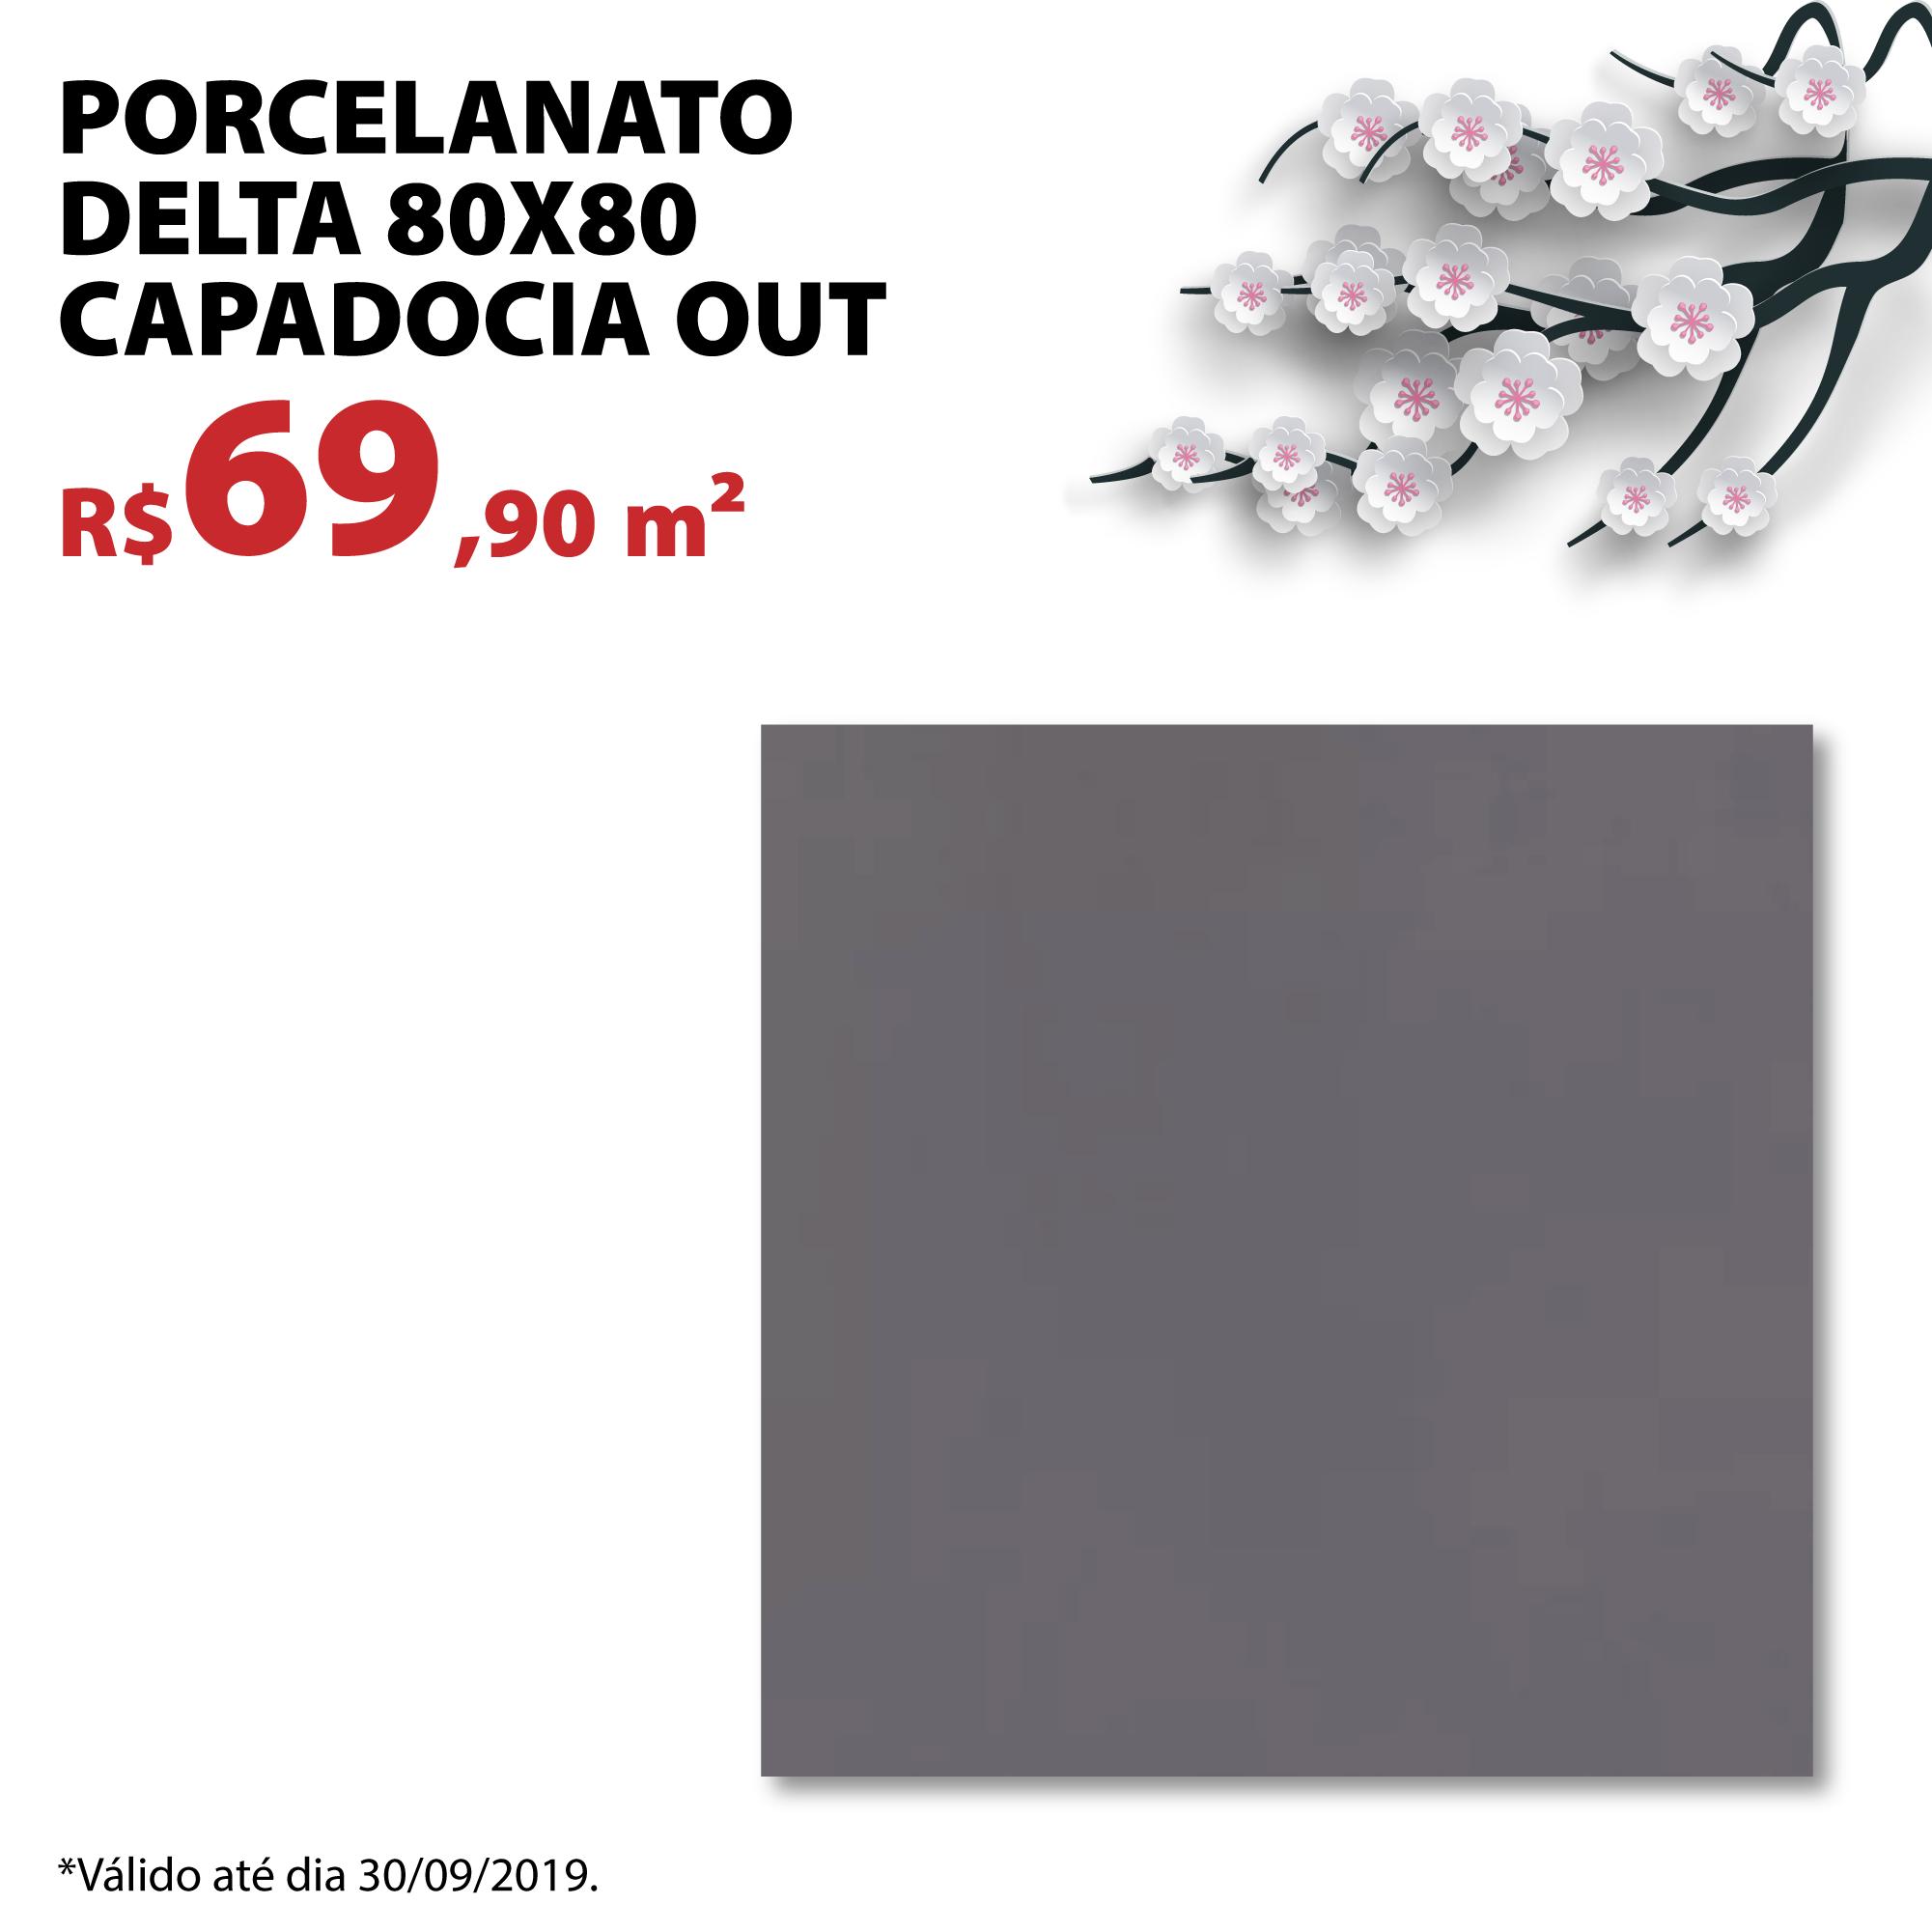 Porcelanato Delta 80×80 Capadocia out